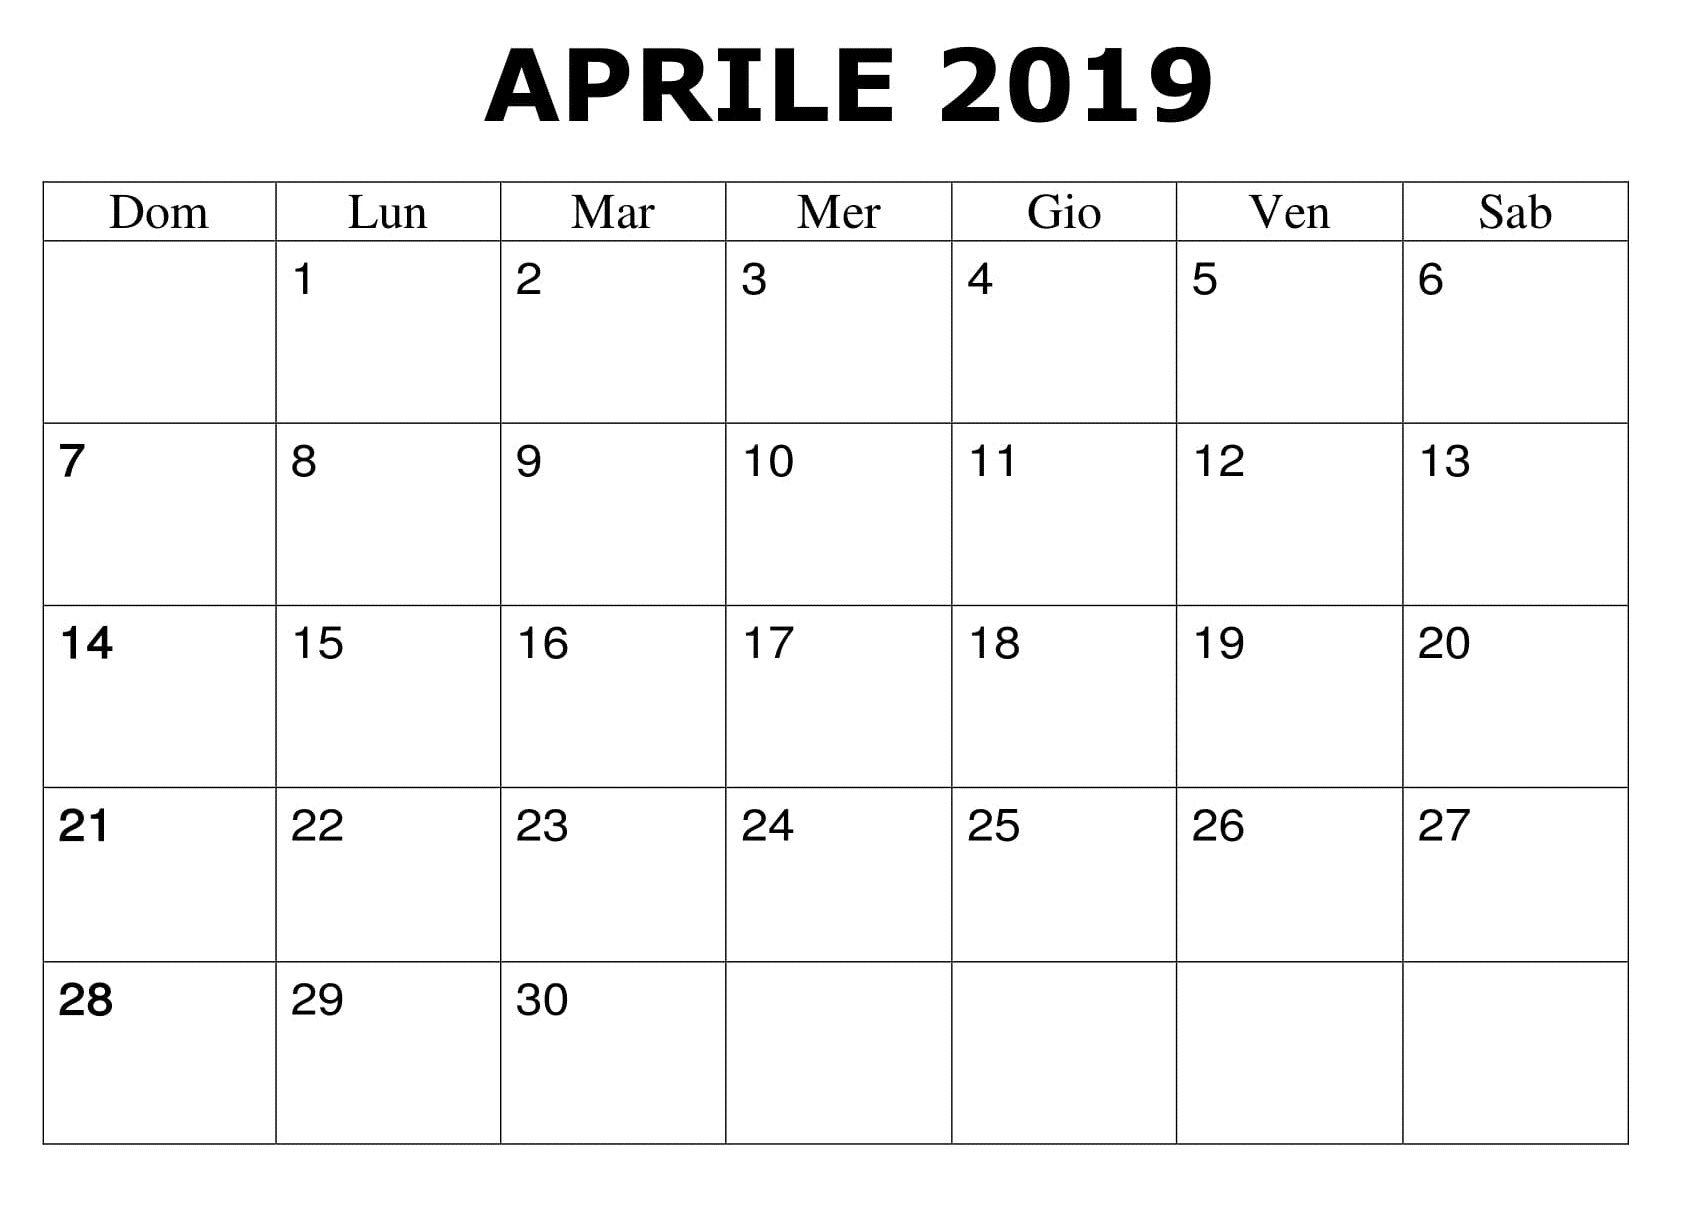 Calendario Mensile Da Stampare.Calendario Mensile Aprile 2019 Da Stampare Calendario